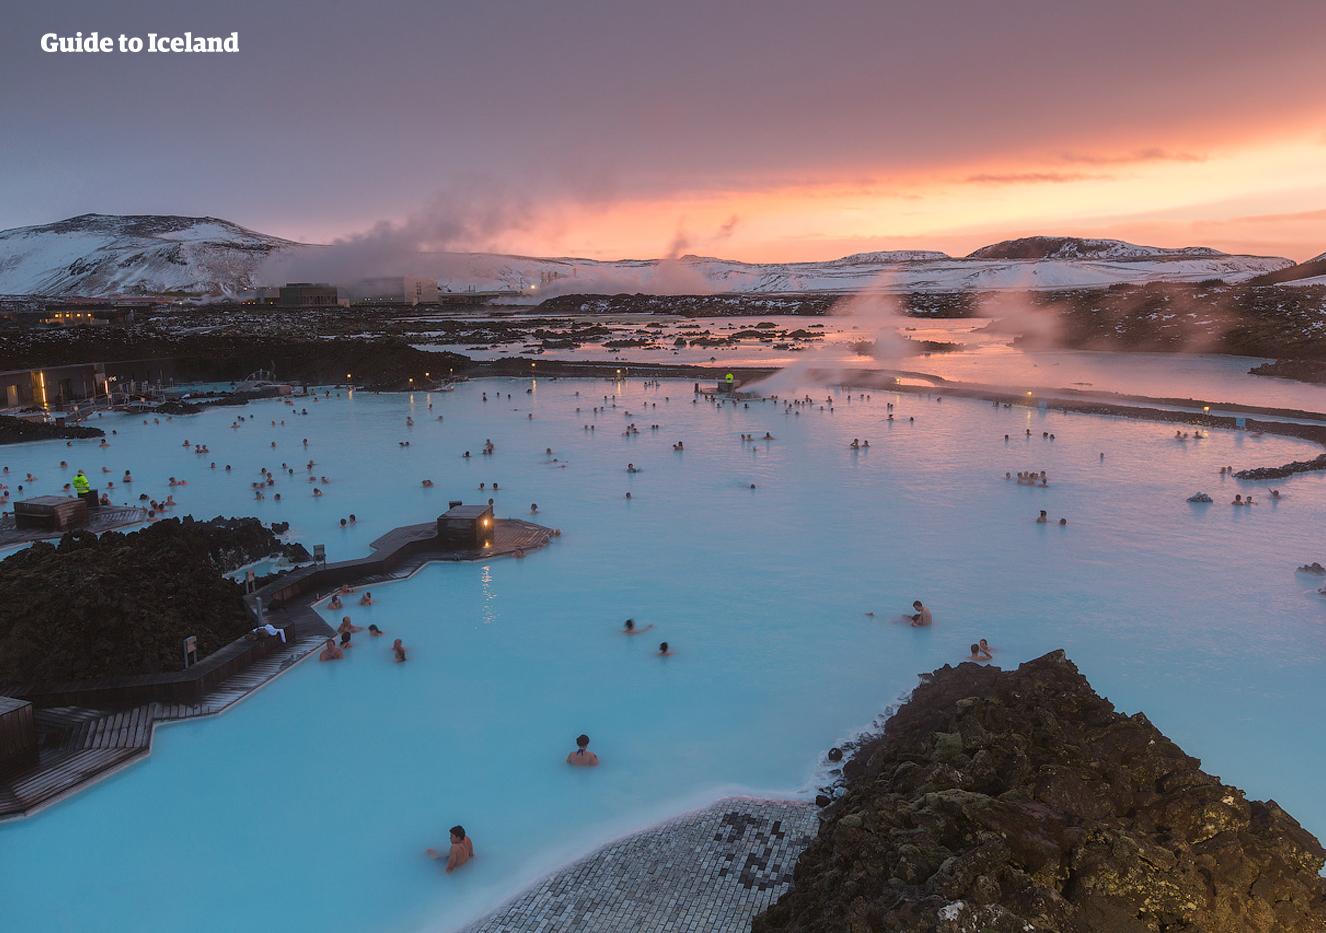 雷克雅内斯半岛上的蓝湖温泉是许多游客冰岛旅行的首站